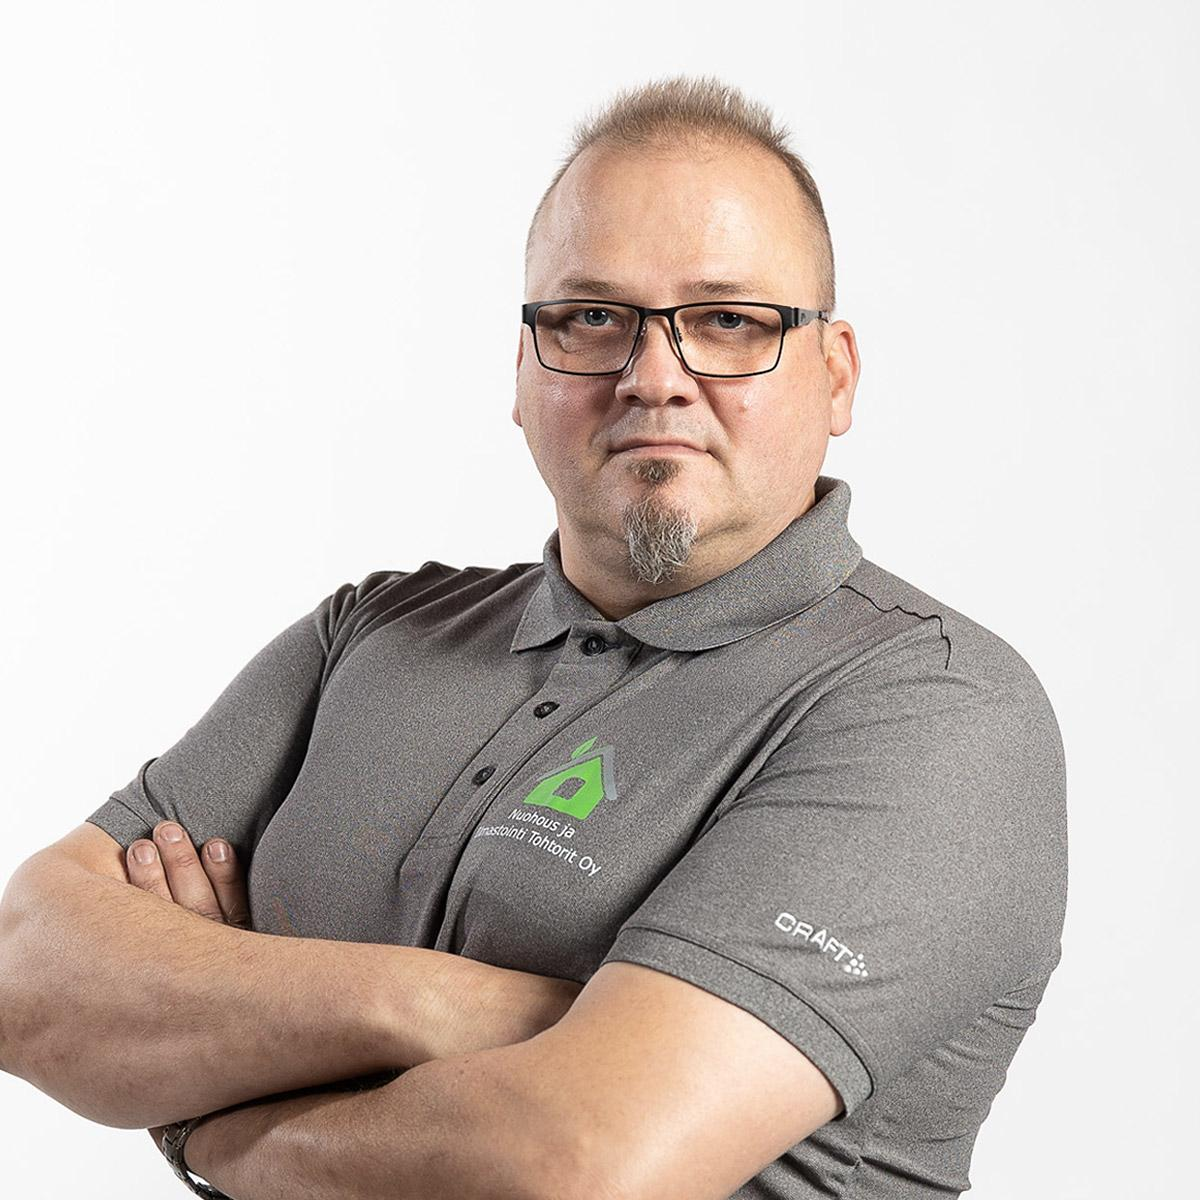 Keijo Pihlajamäki